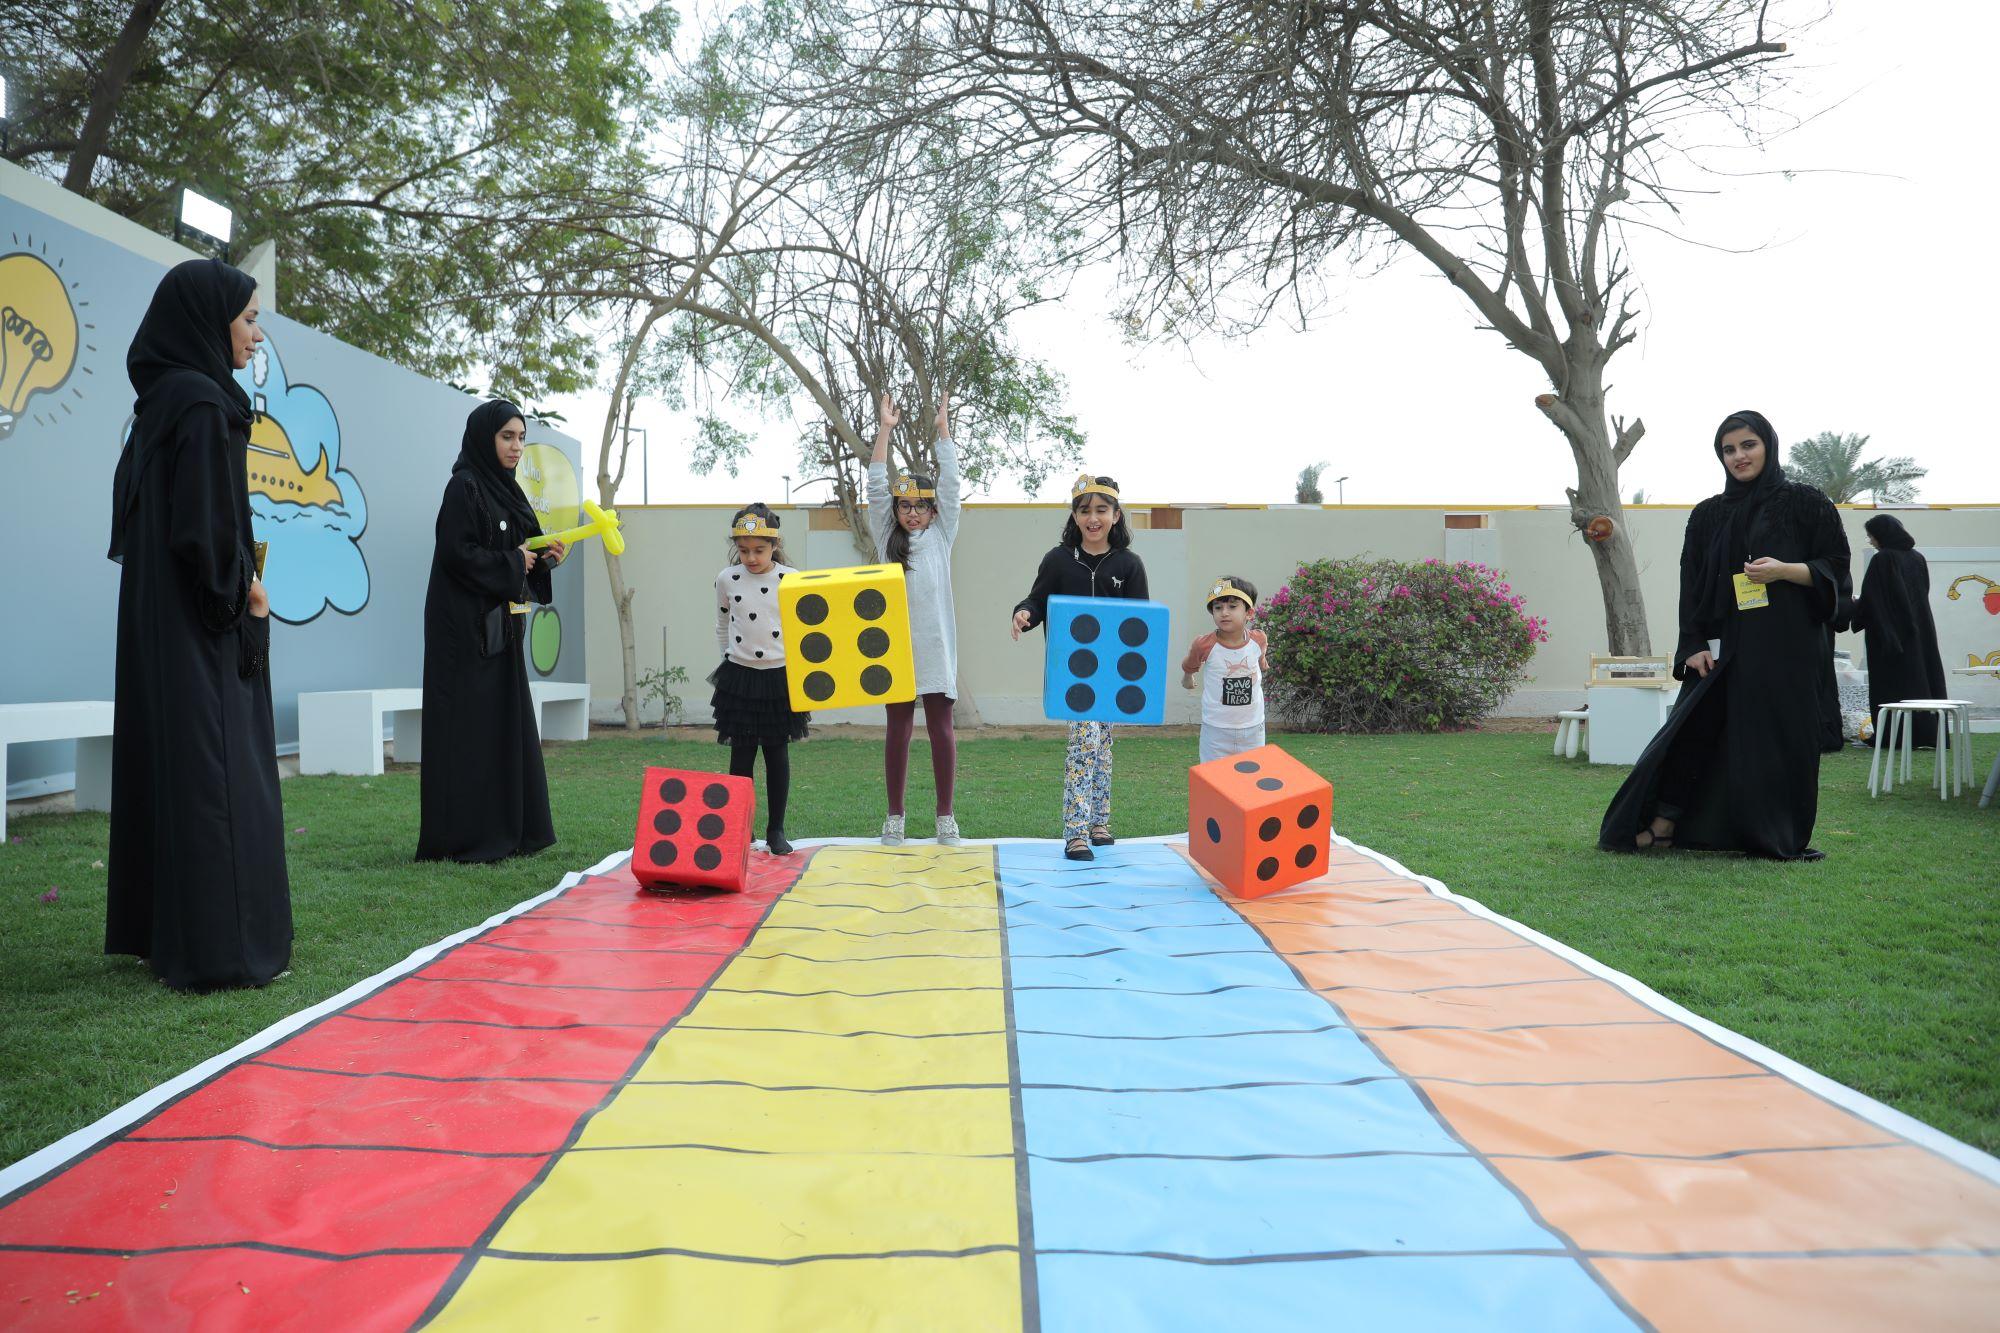 فعاليات الدورة السادسة من بينالي الشارقة للأطفال 2019